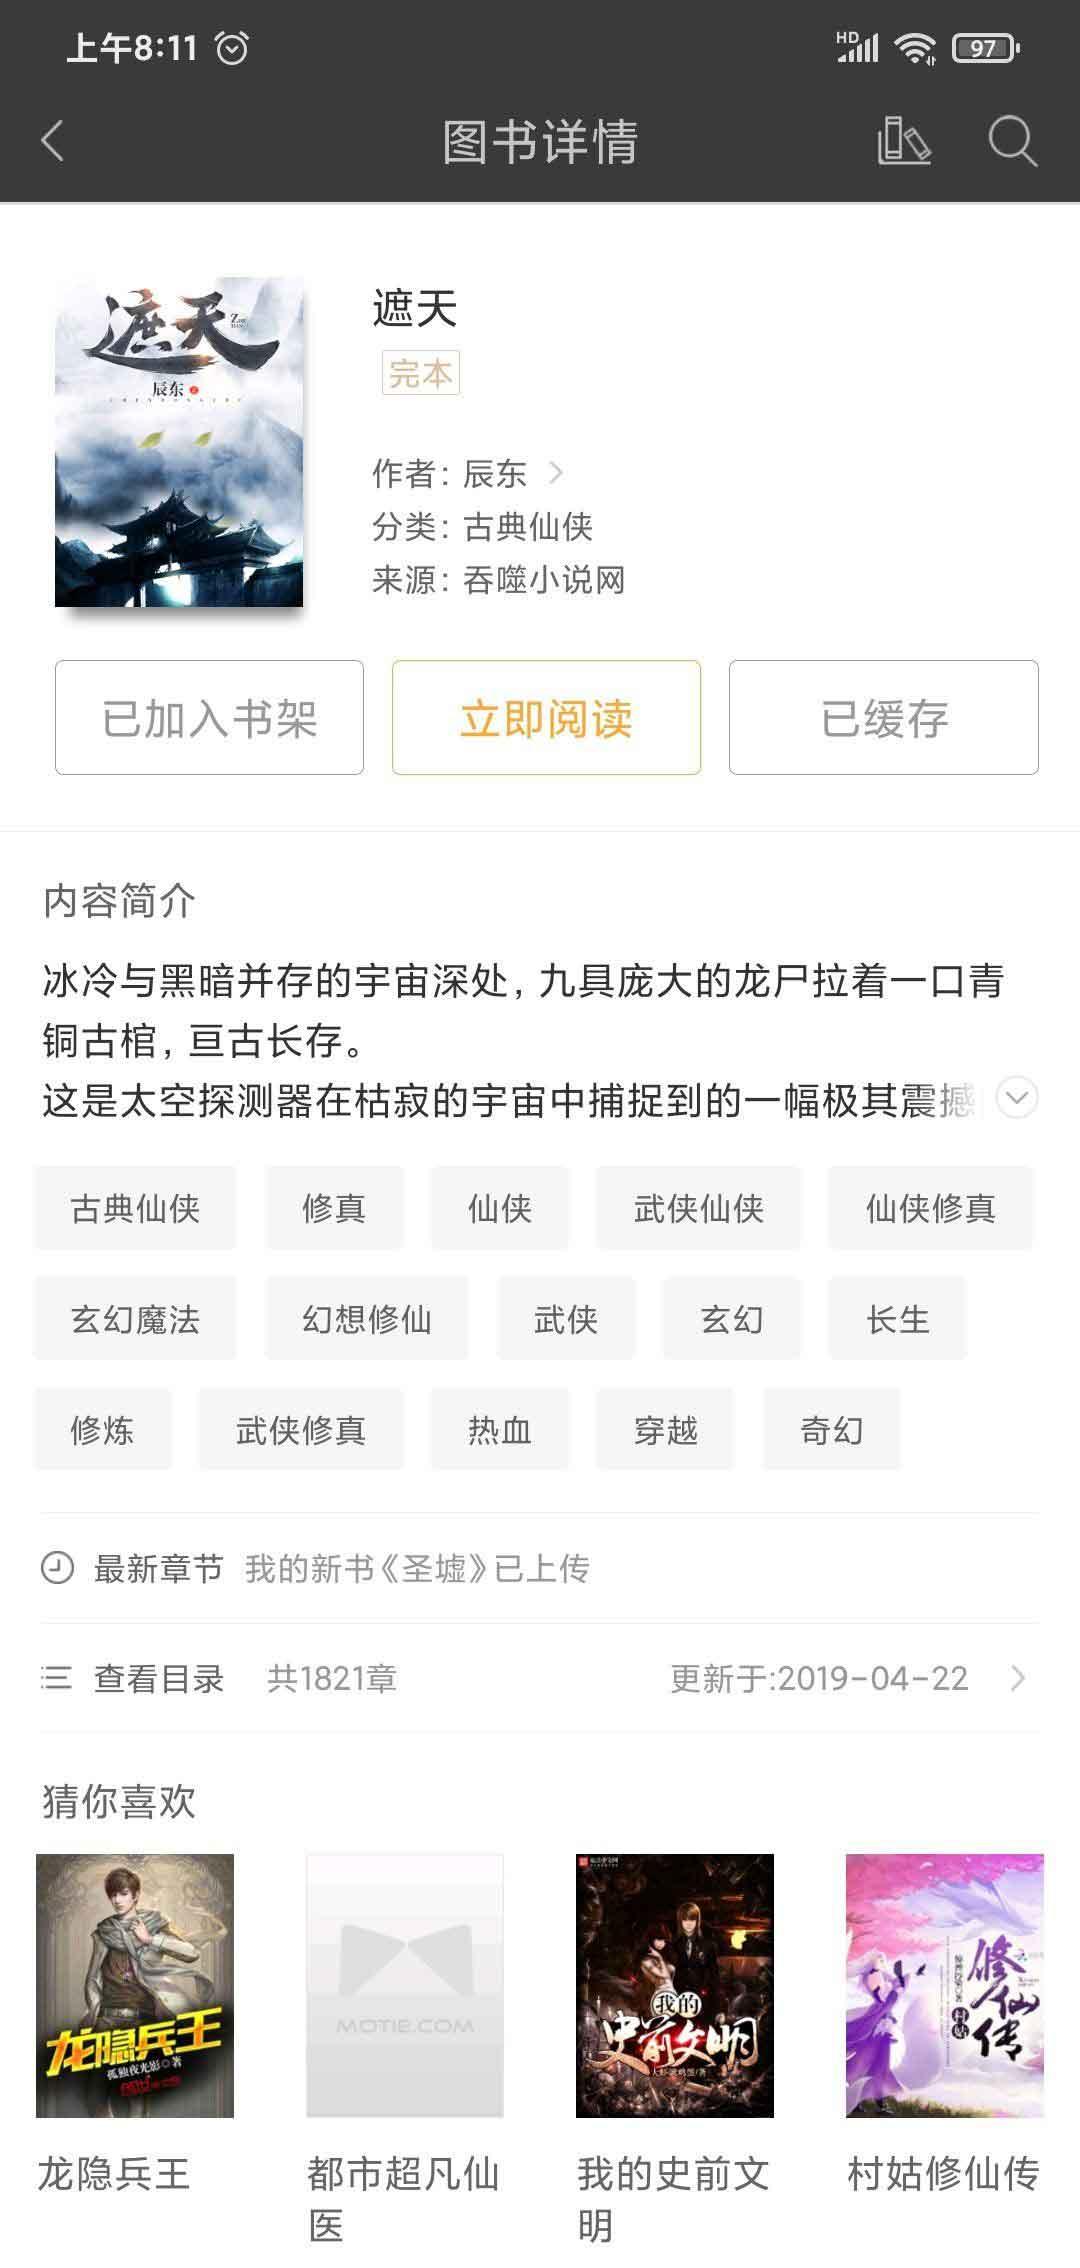 安卓小说神器-笔趣阁破解vip版